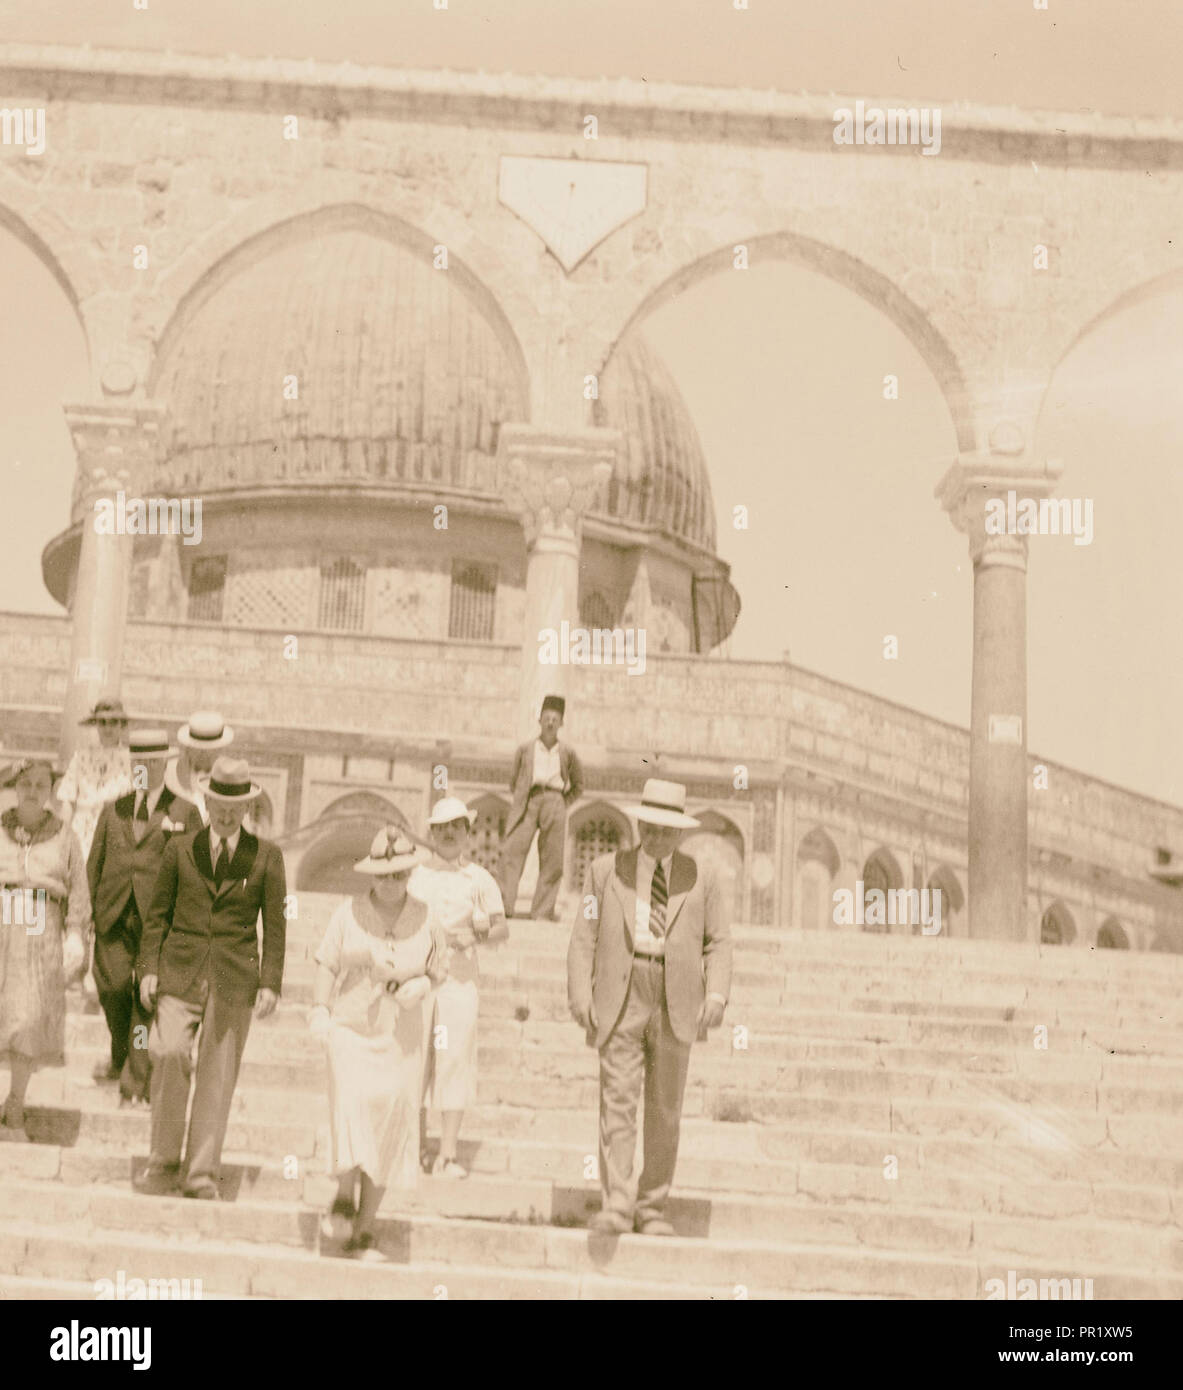 Der US-Senator & Frauen, 12.08.1936, Naher Osten, Israel und/oder Palästina Stockbild